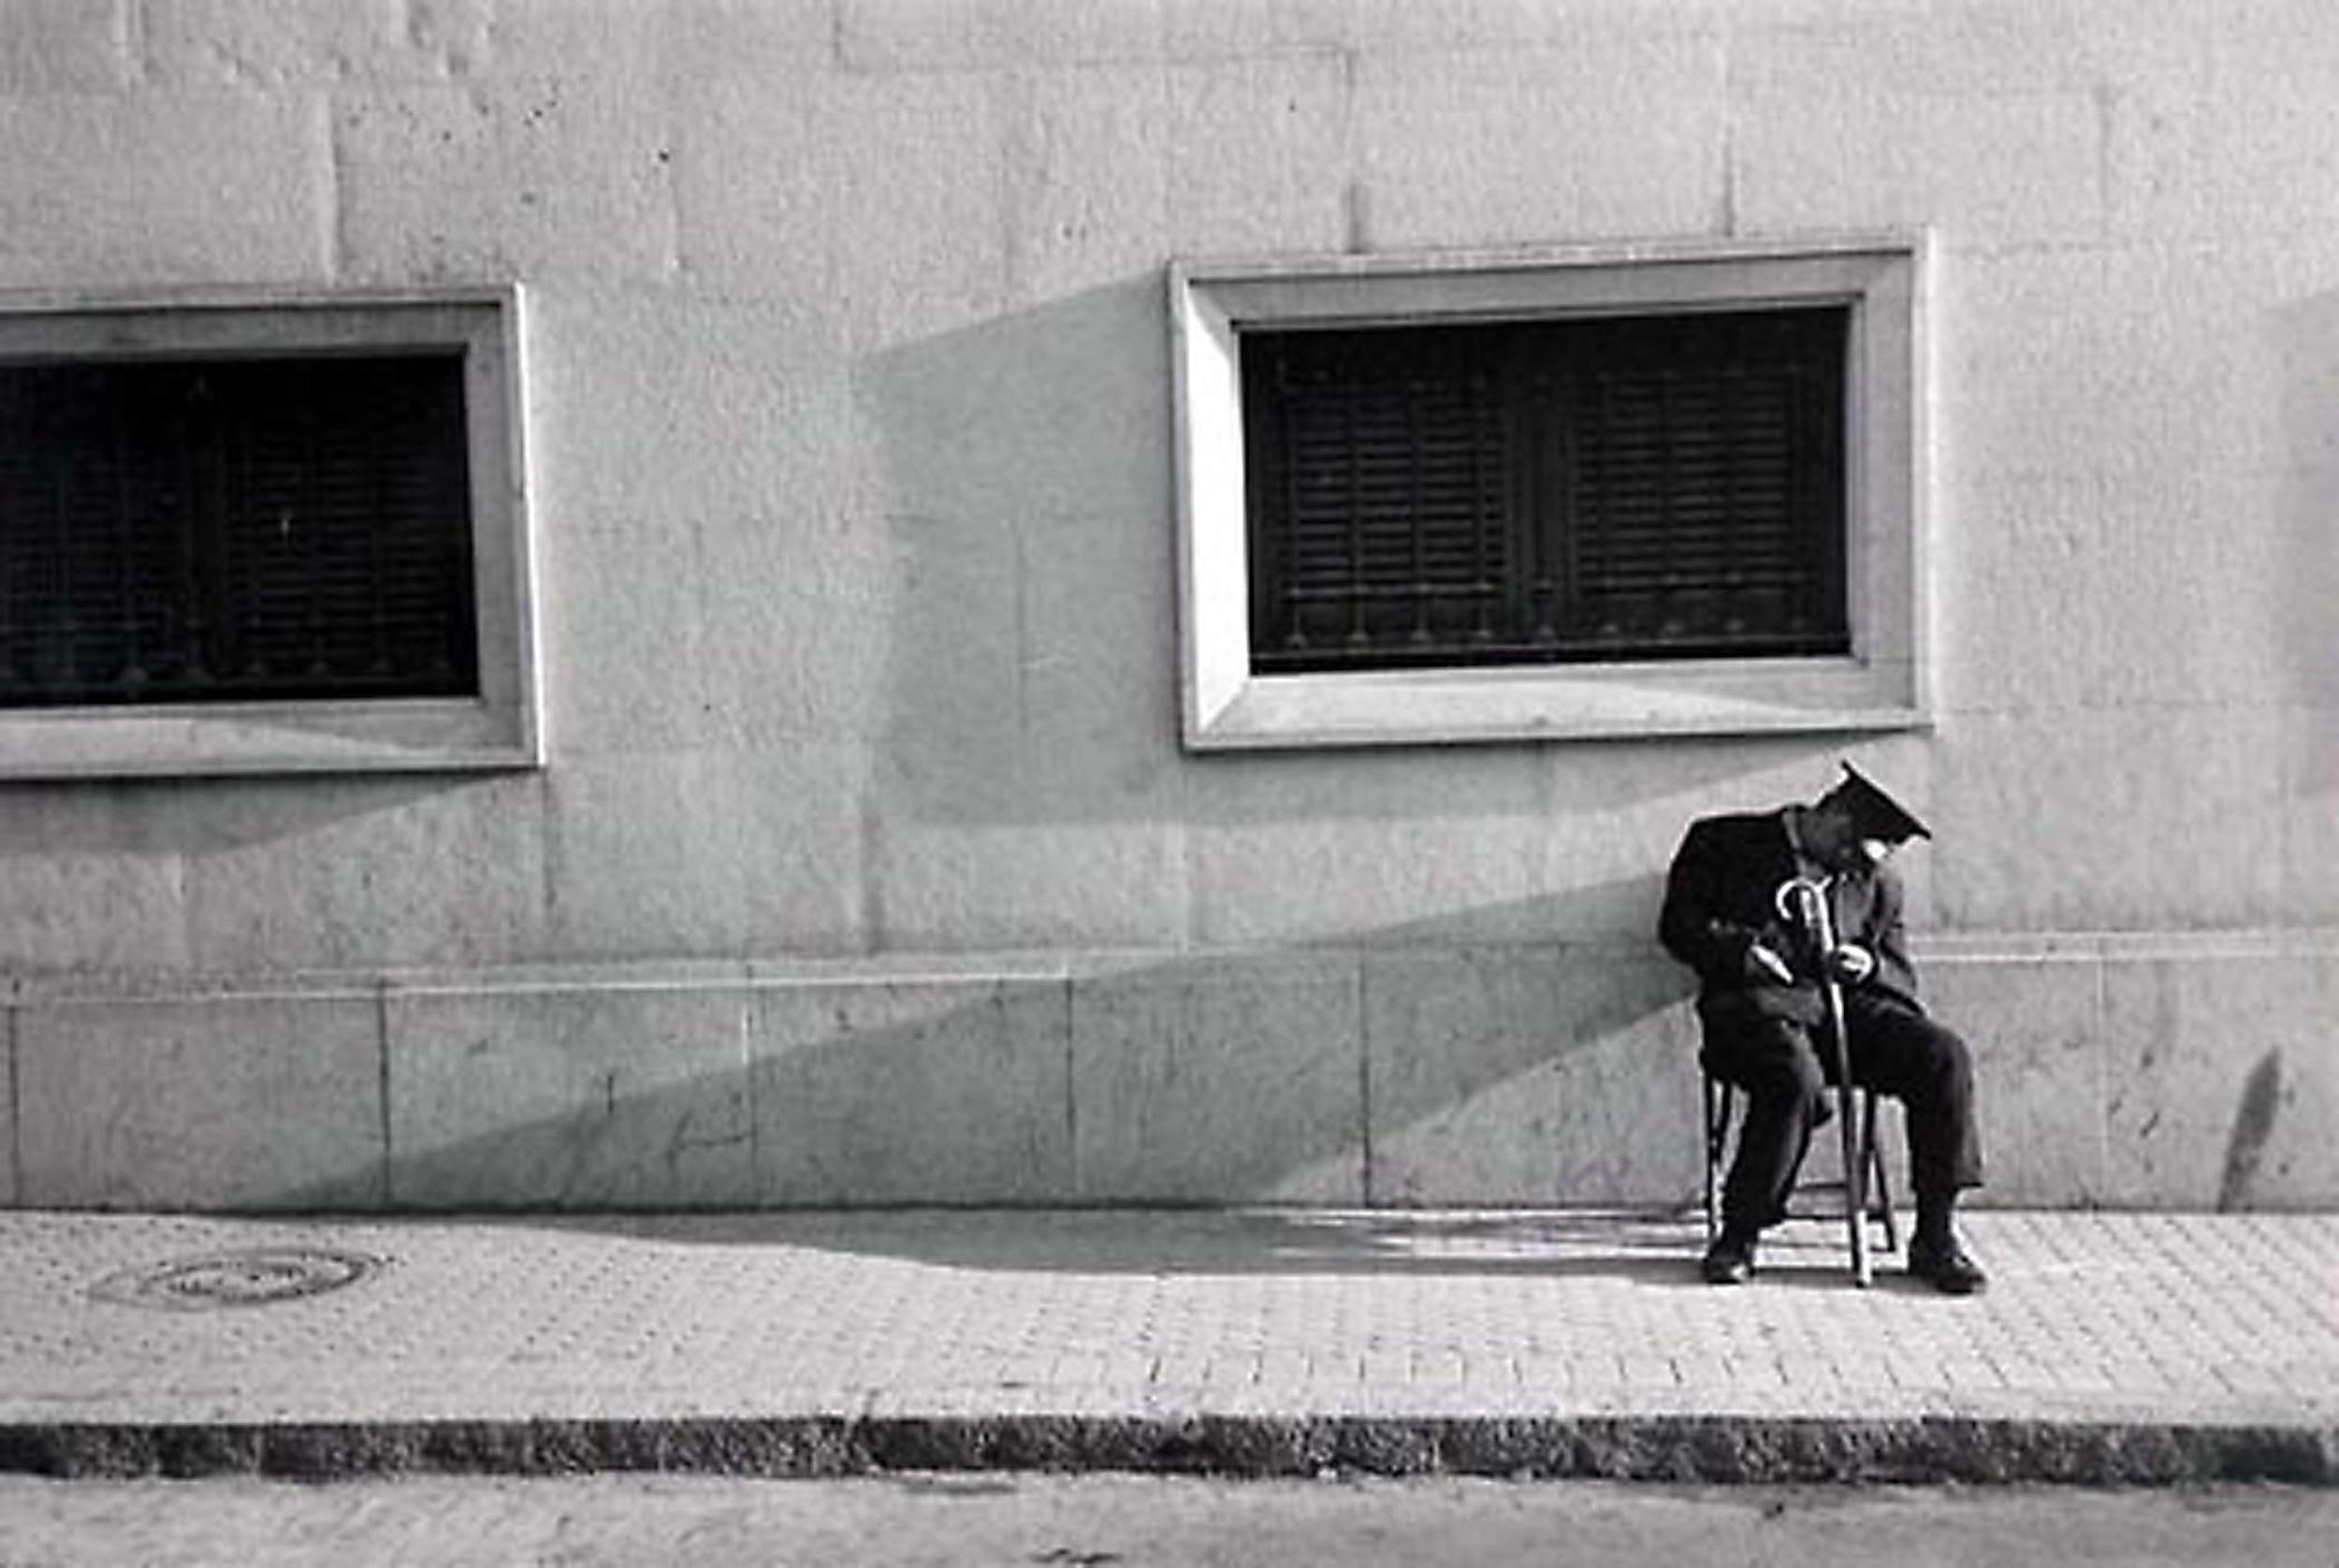 HANNON_sleeping_watchman_seville_(spain)_1956_11x14.jpg